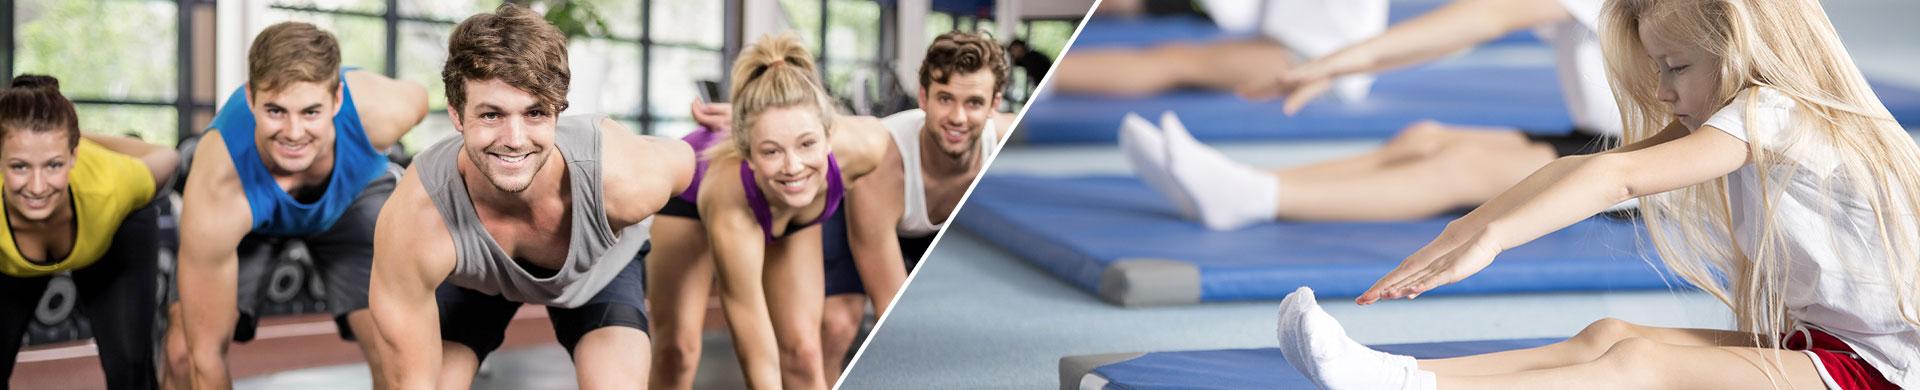 Turnen und Fitness